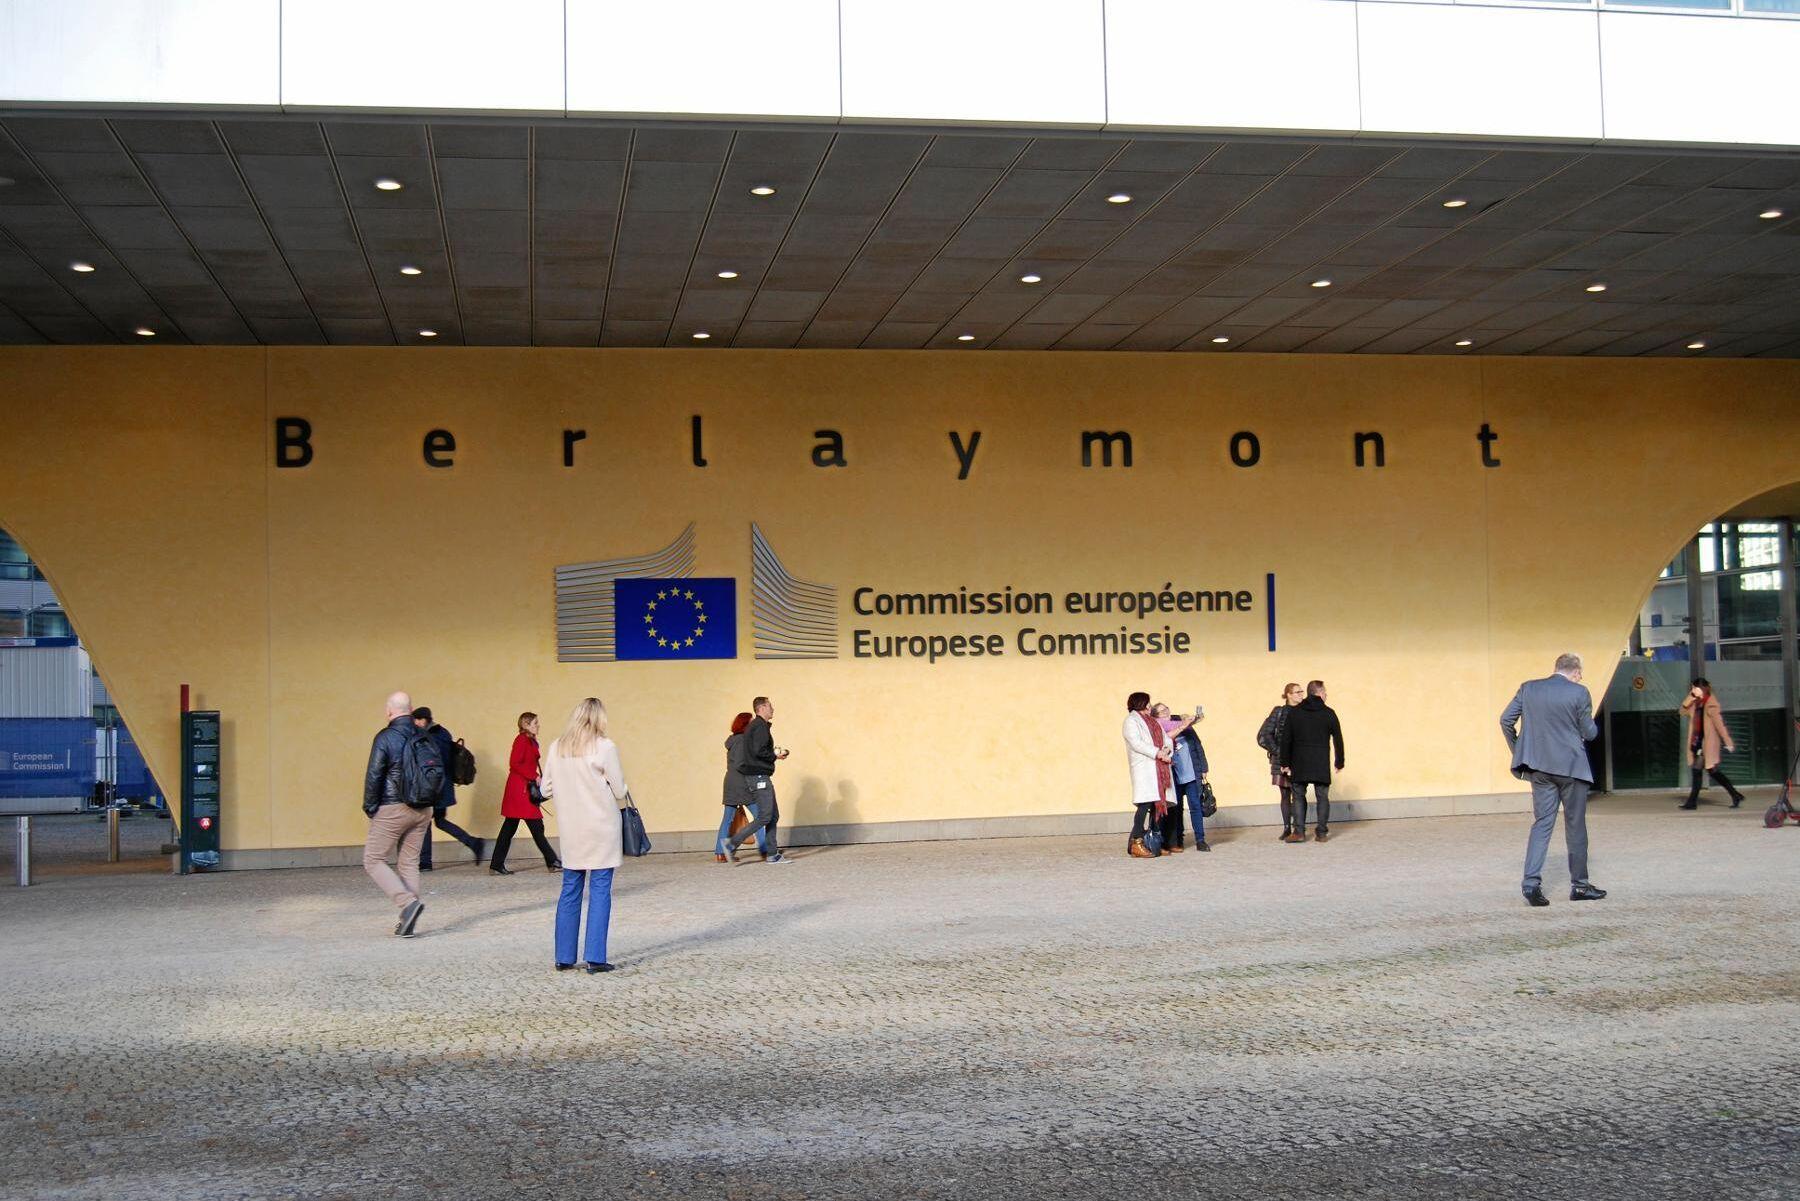 Frågan om fortsatt skattebefrielse för rena och höginblandade biodrivmedel ligger nu hos EU-kommissionen.